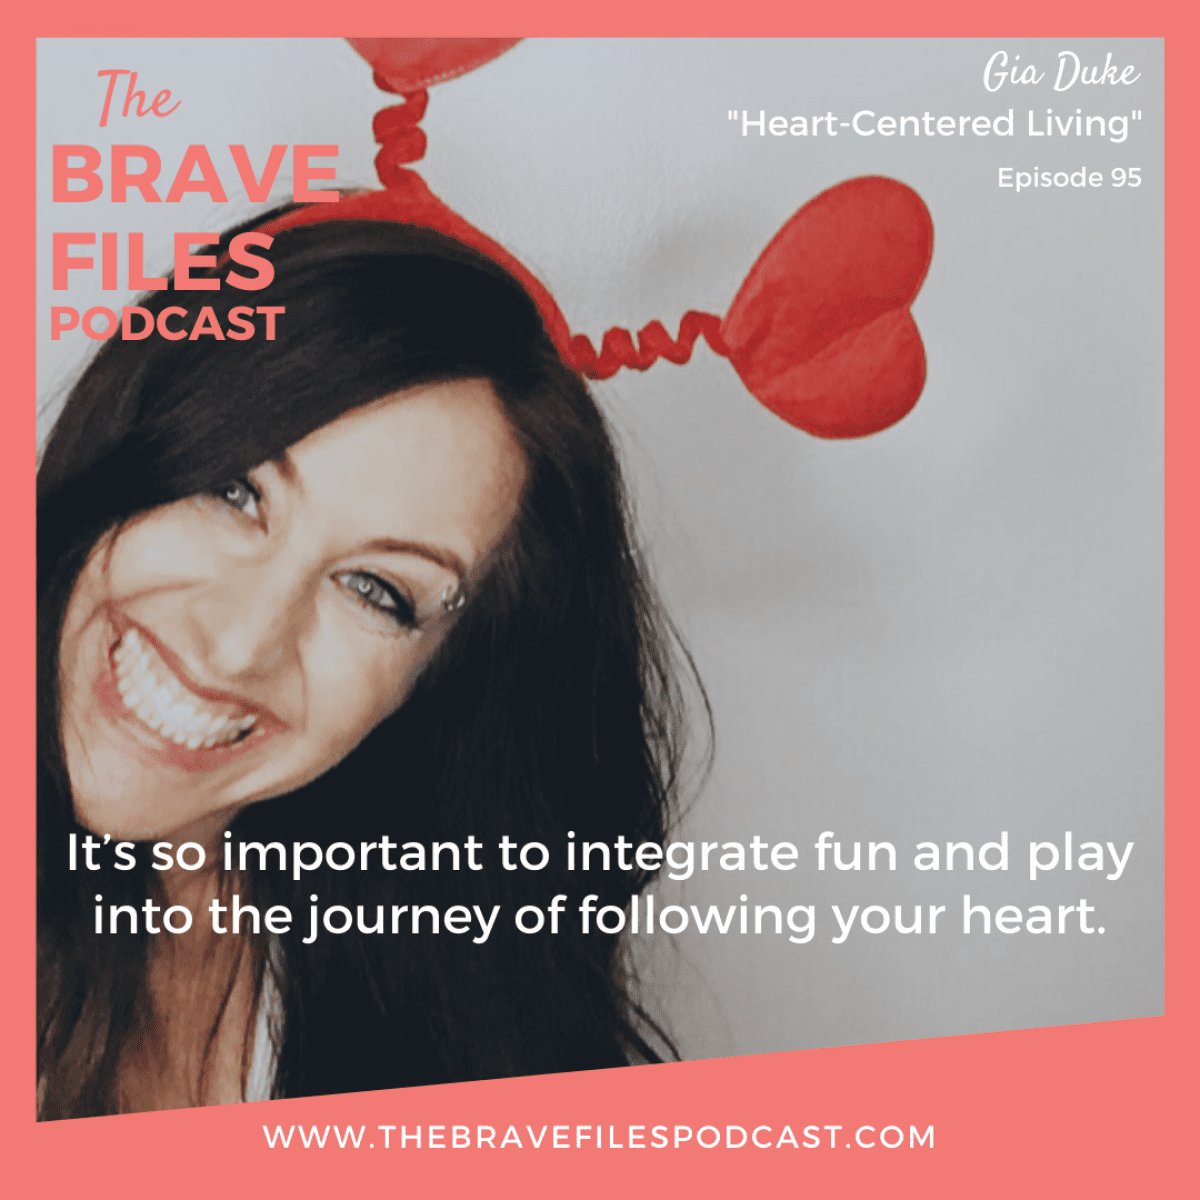 Gia_Duke_Heart_Centered_Living_The_Brave_Files_Podcast